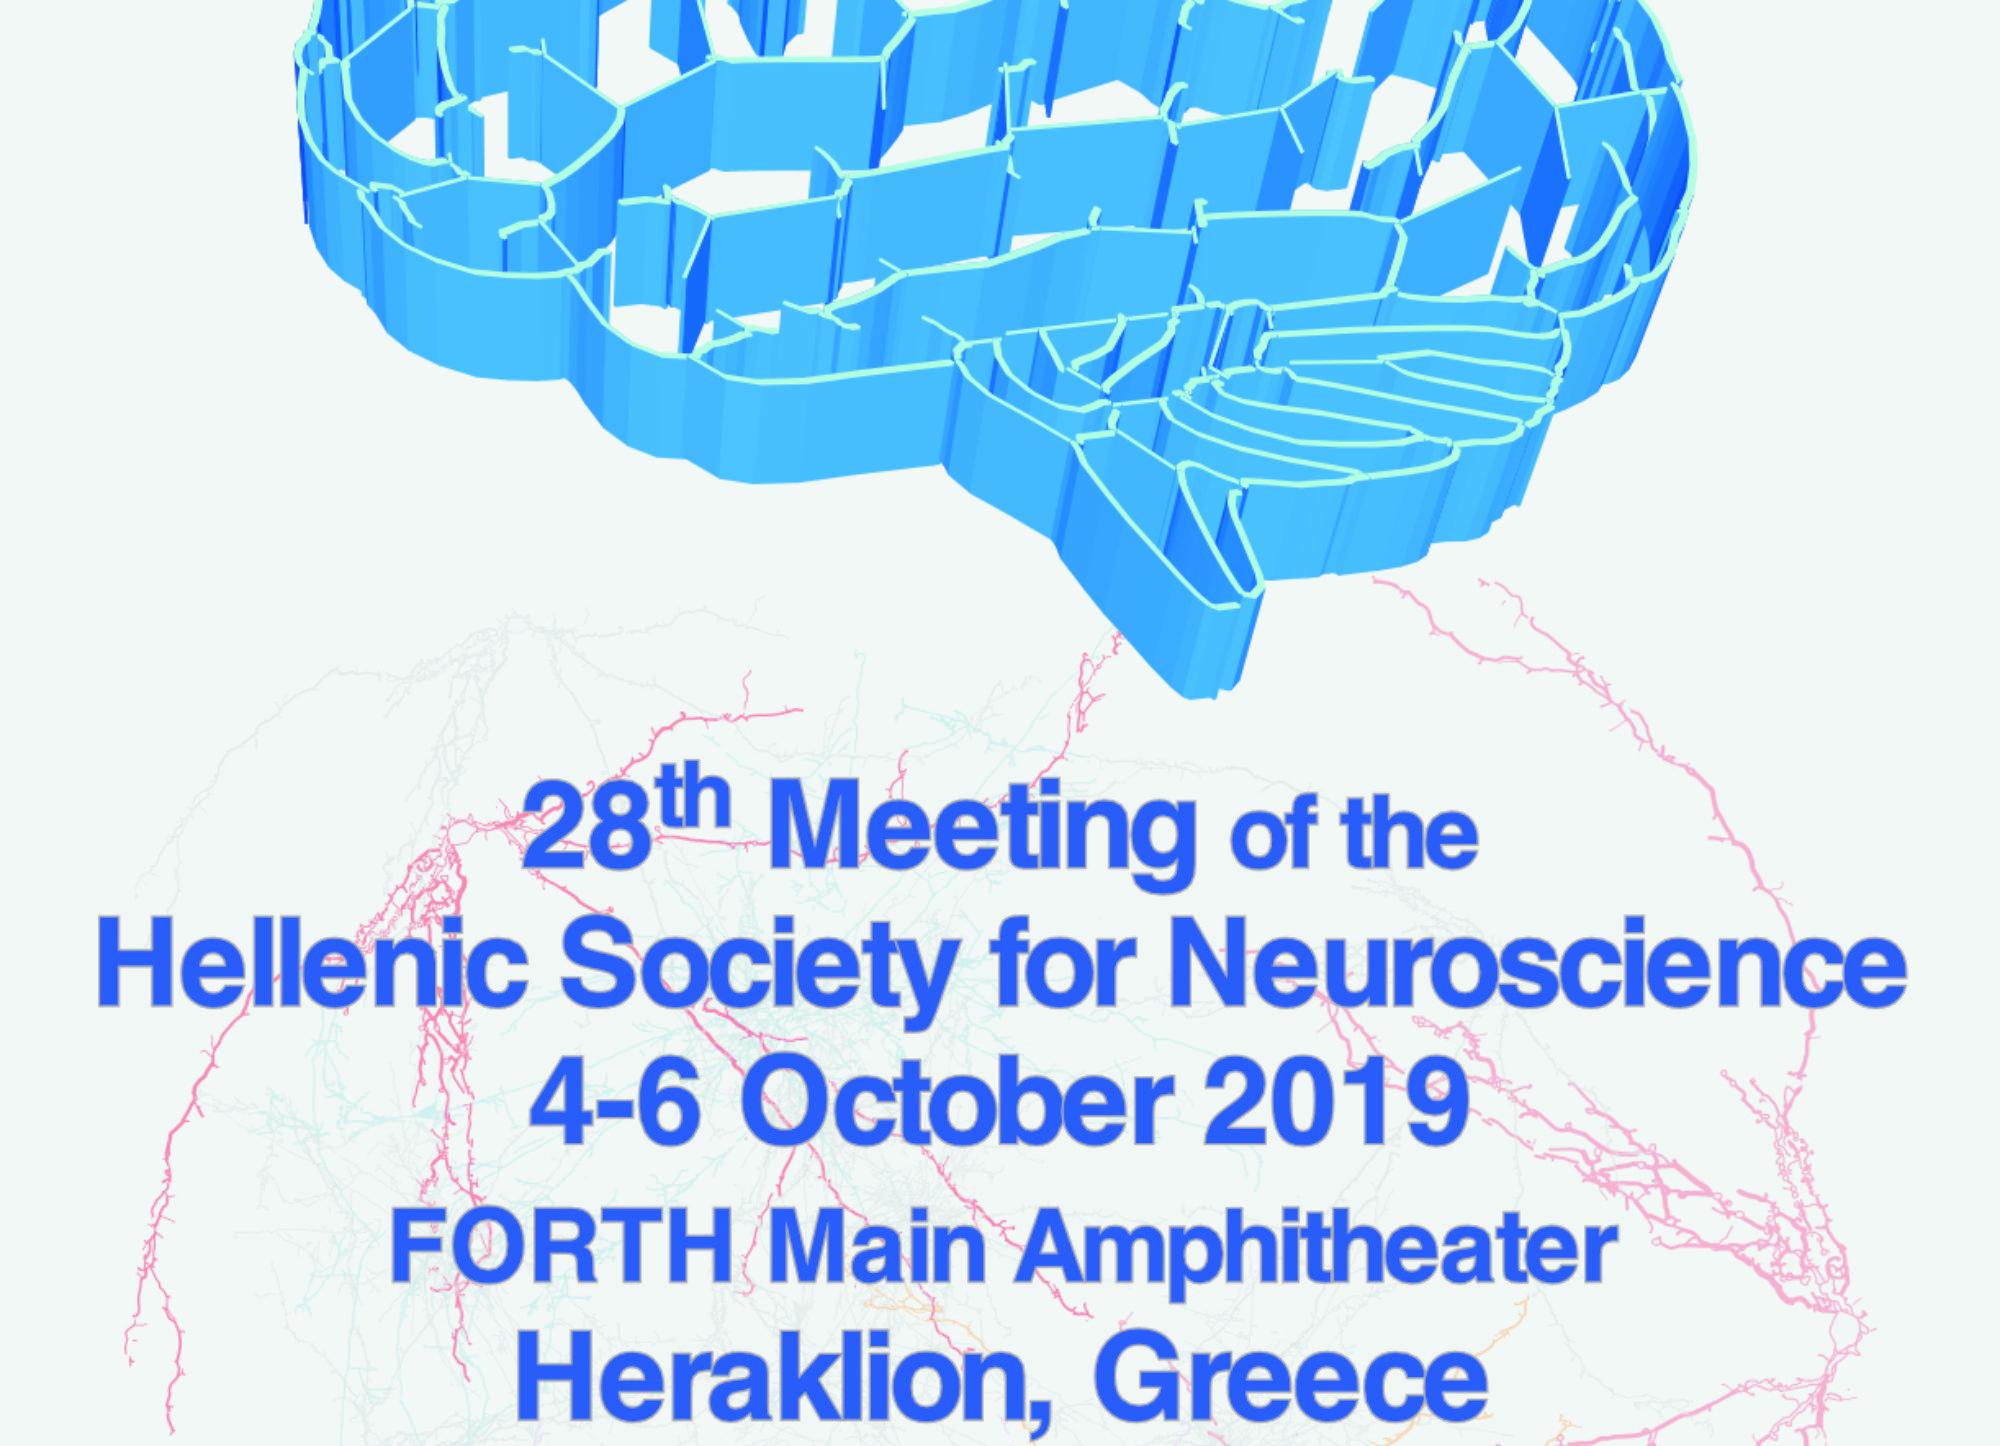 HSfN | Hellenic Society for Neuroscience